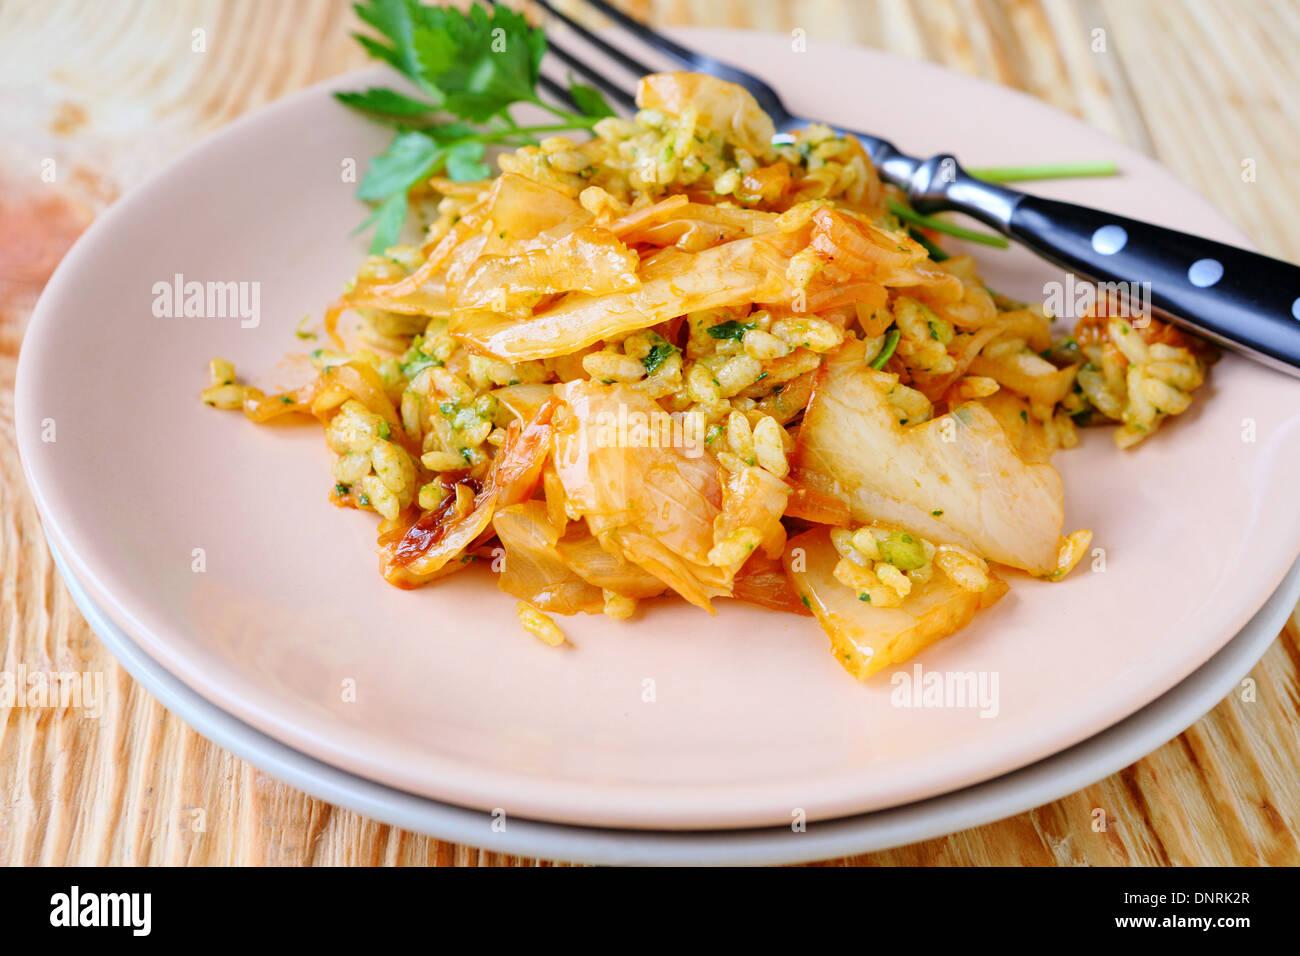 Risotto italiano con col, alimentos closeup Foto de stock